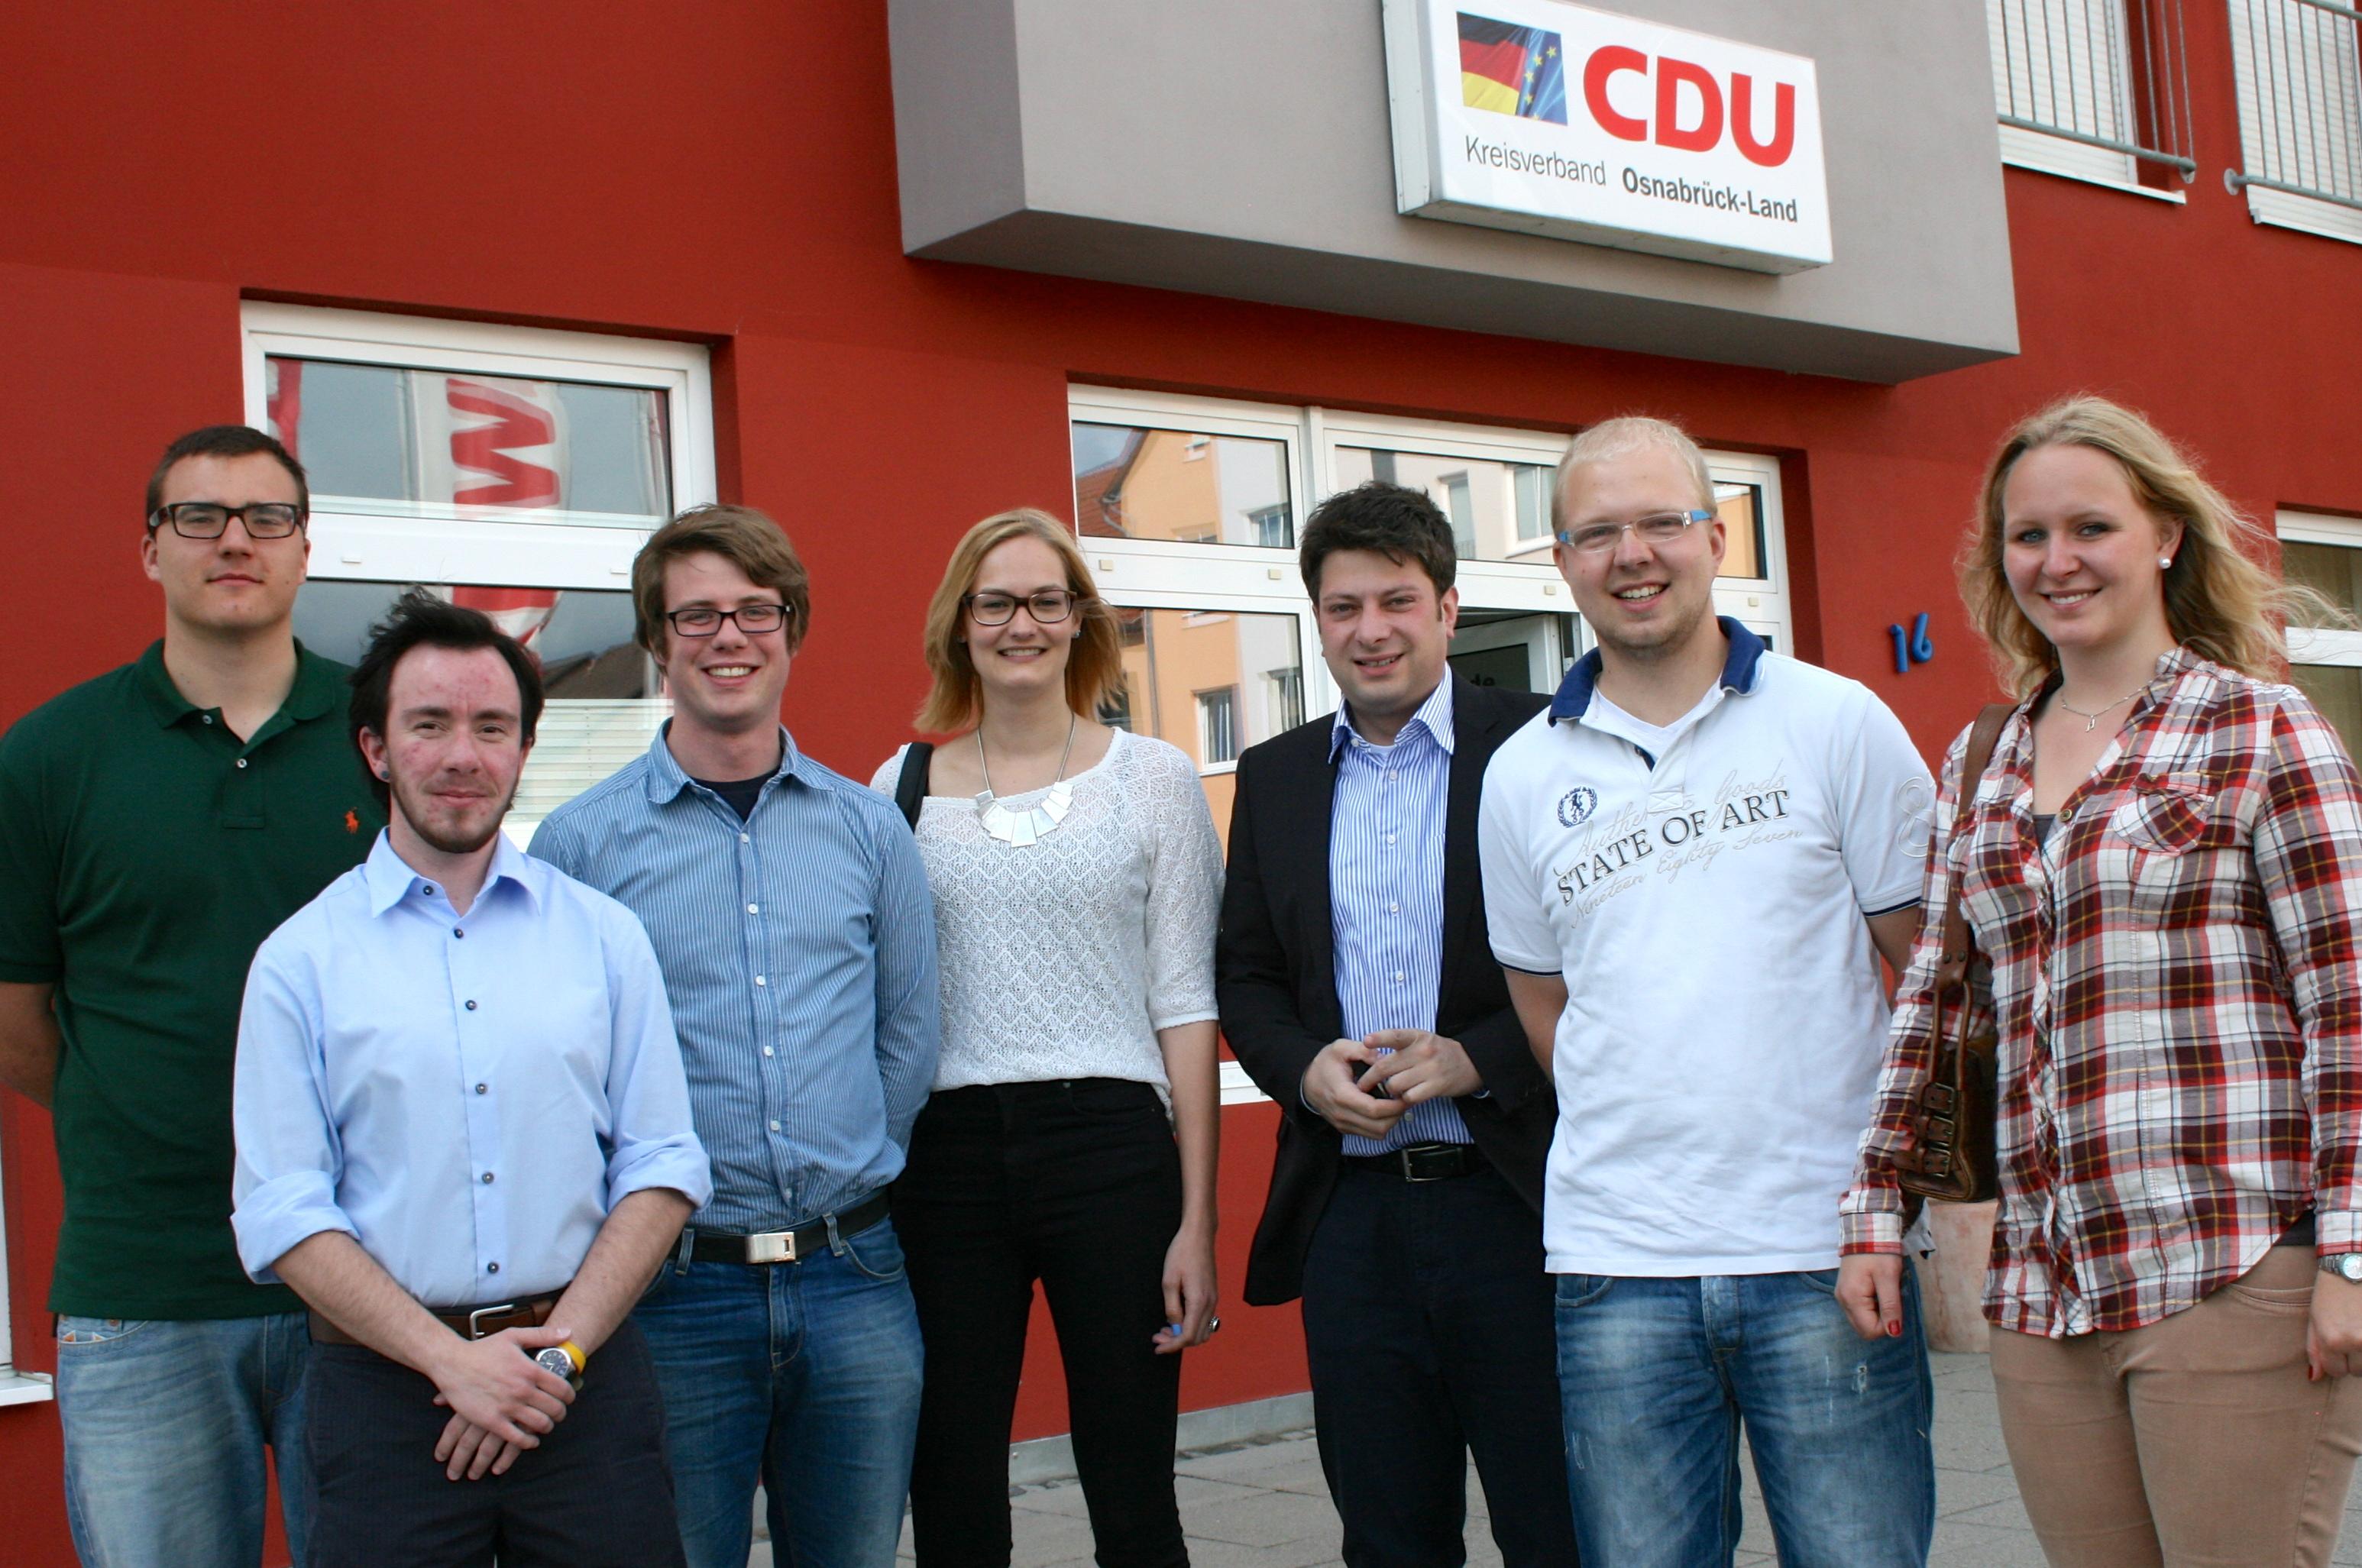 Start der Talentschmiede: CDU-Kreisvorsitzender Christian Calderone (3. von rechts) begrüßte sechs Jugendliche aus dem Landkreis Osnabrück im Nachwuchsförderprogramm der CDU in Niedersachsen. Foto:CDU